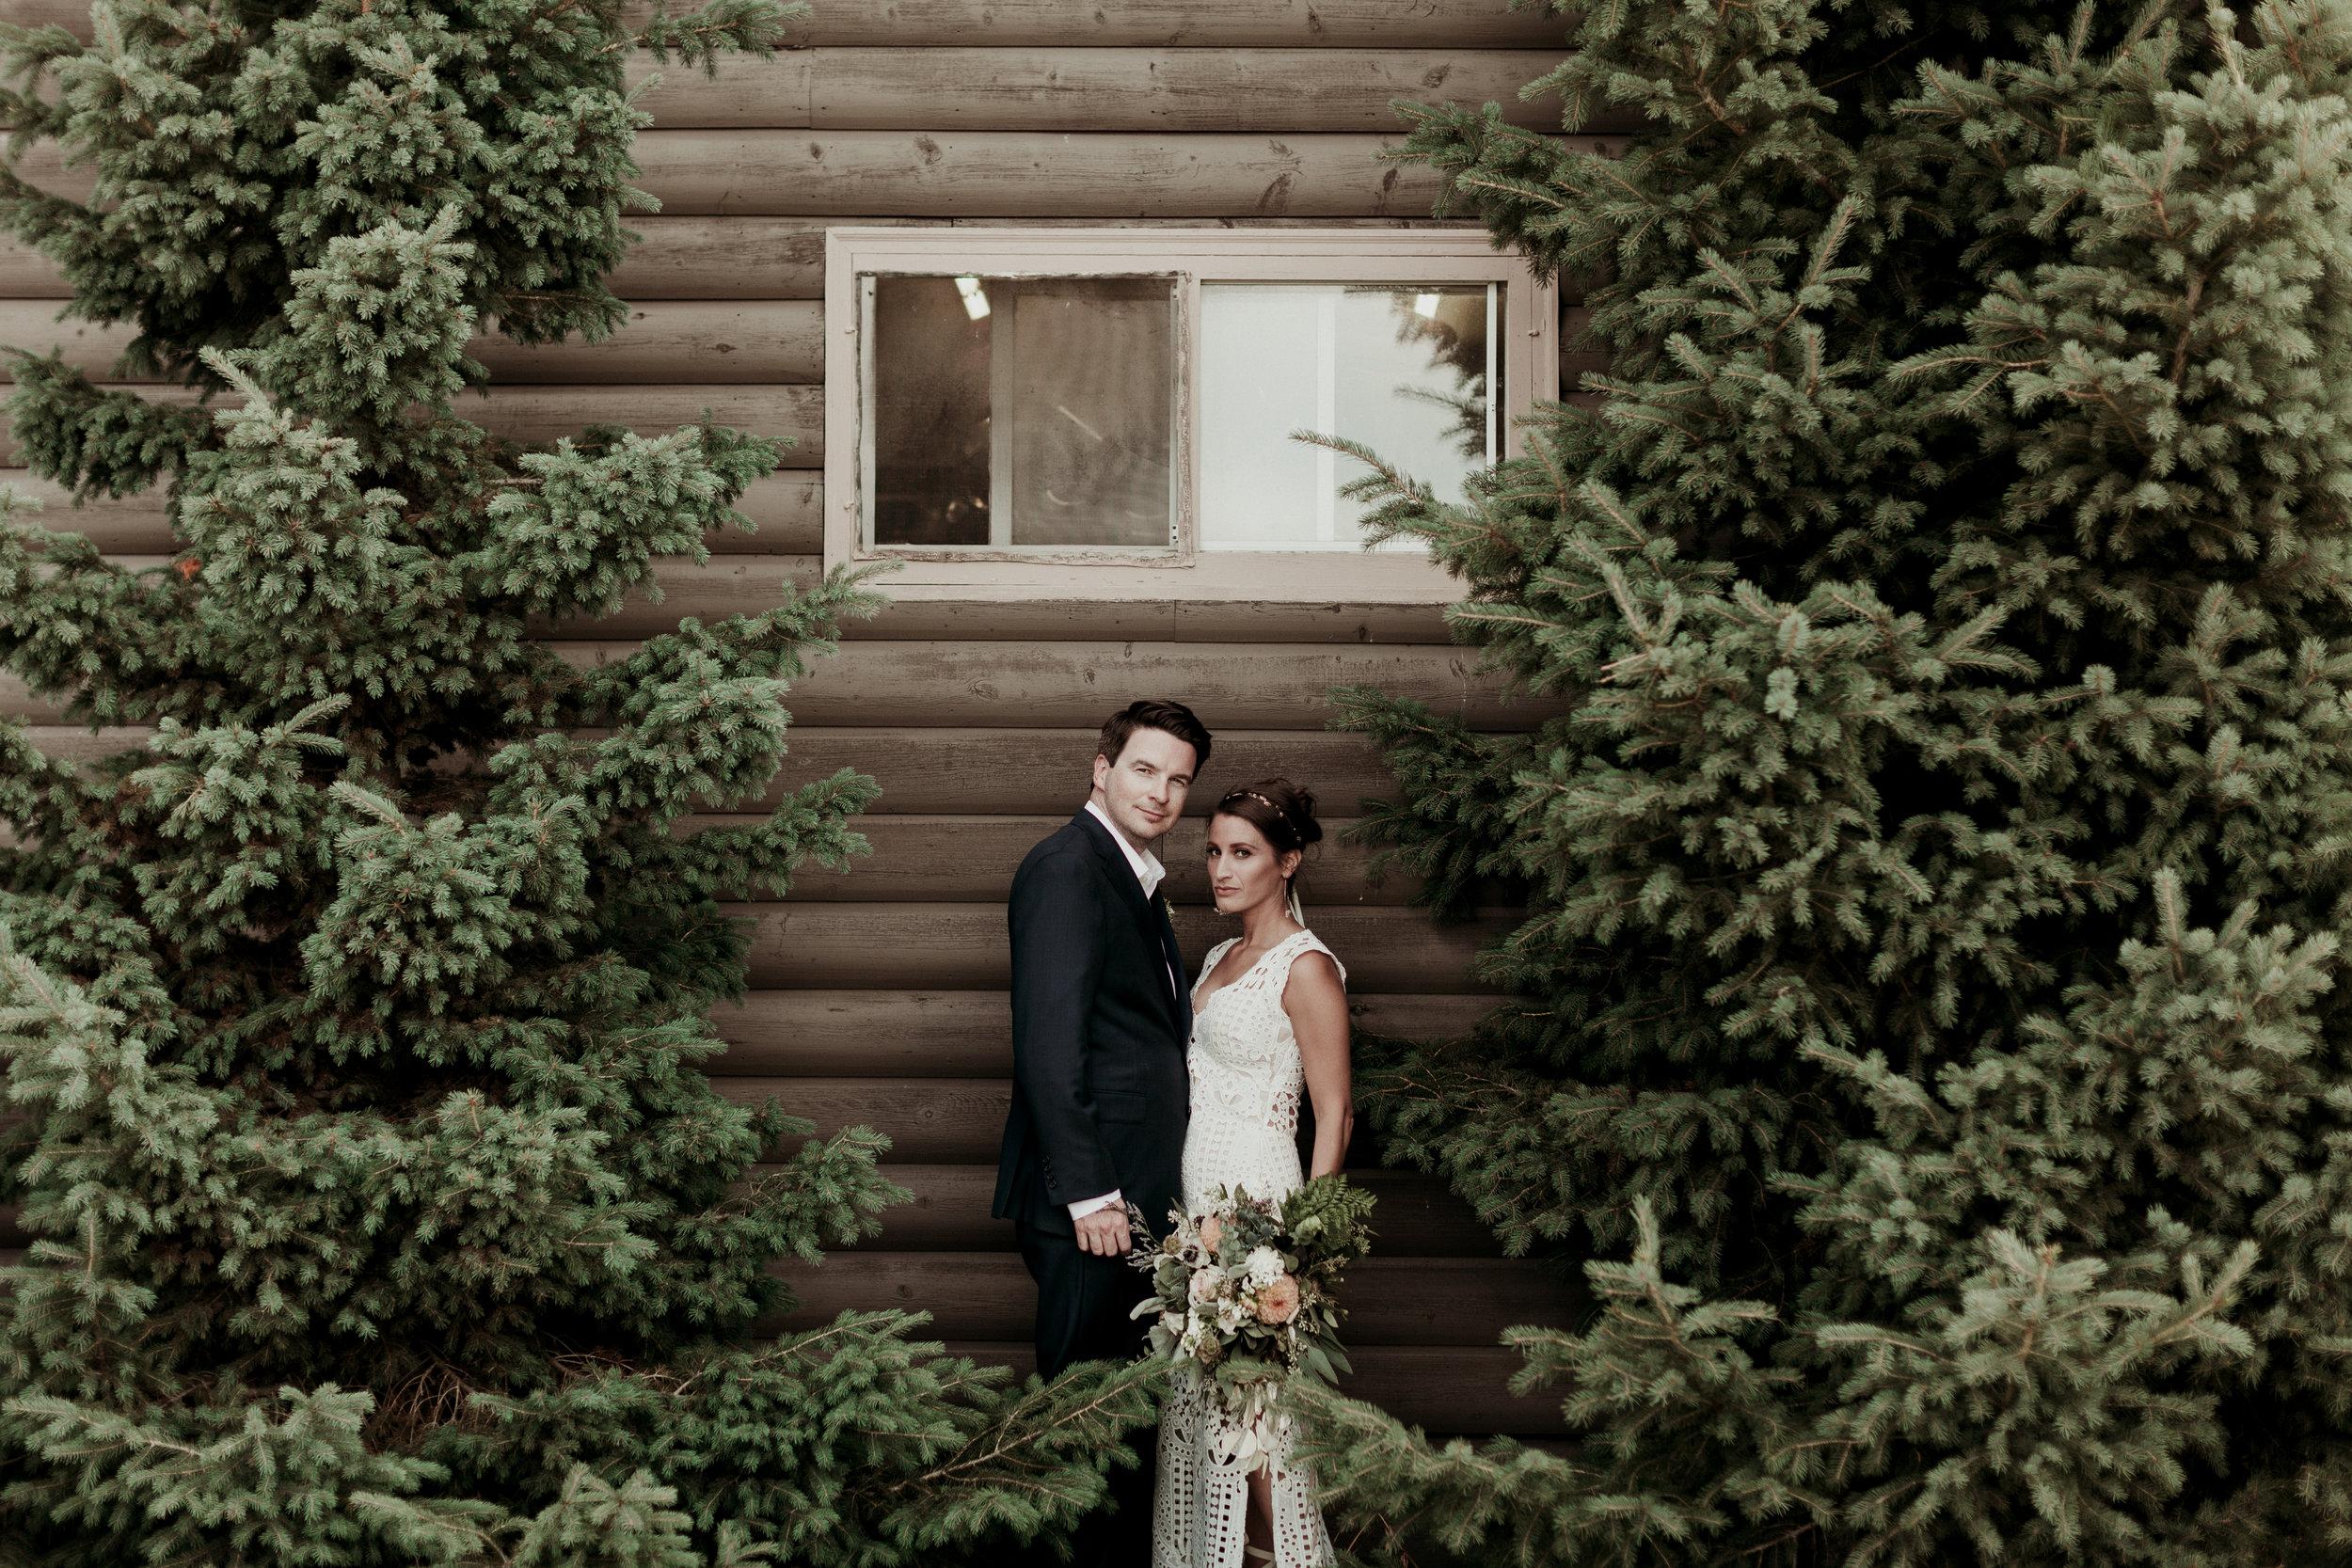 bride groom wedding flowers florist floral design oakland san francisco